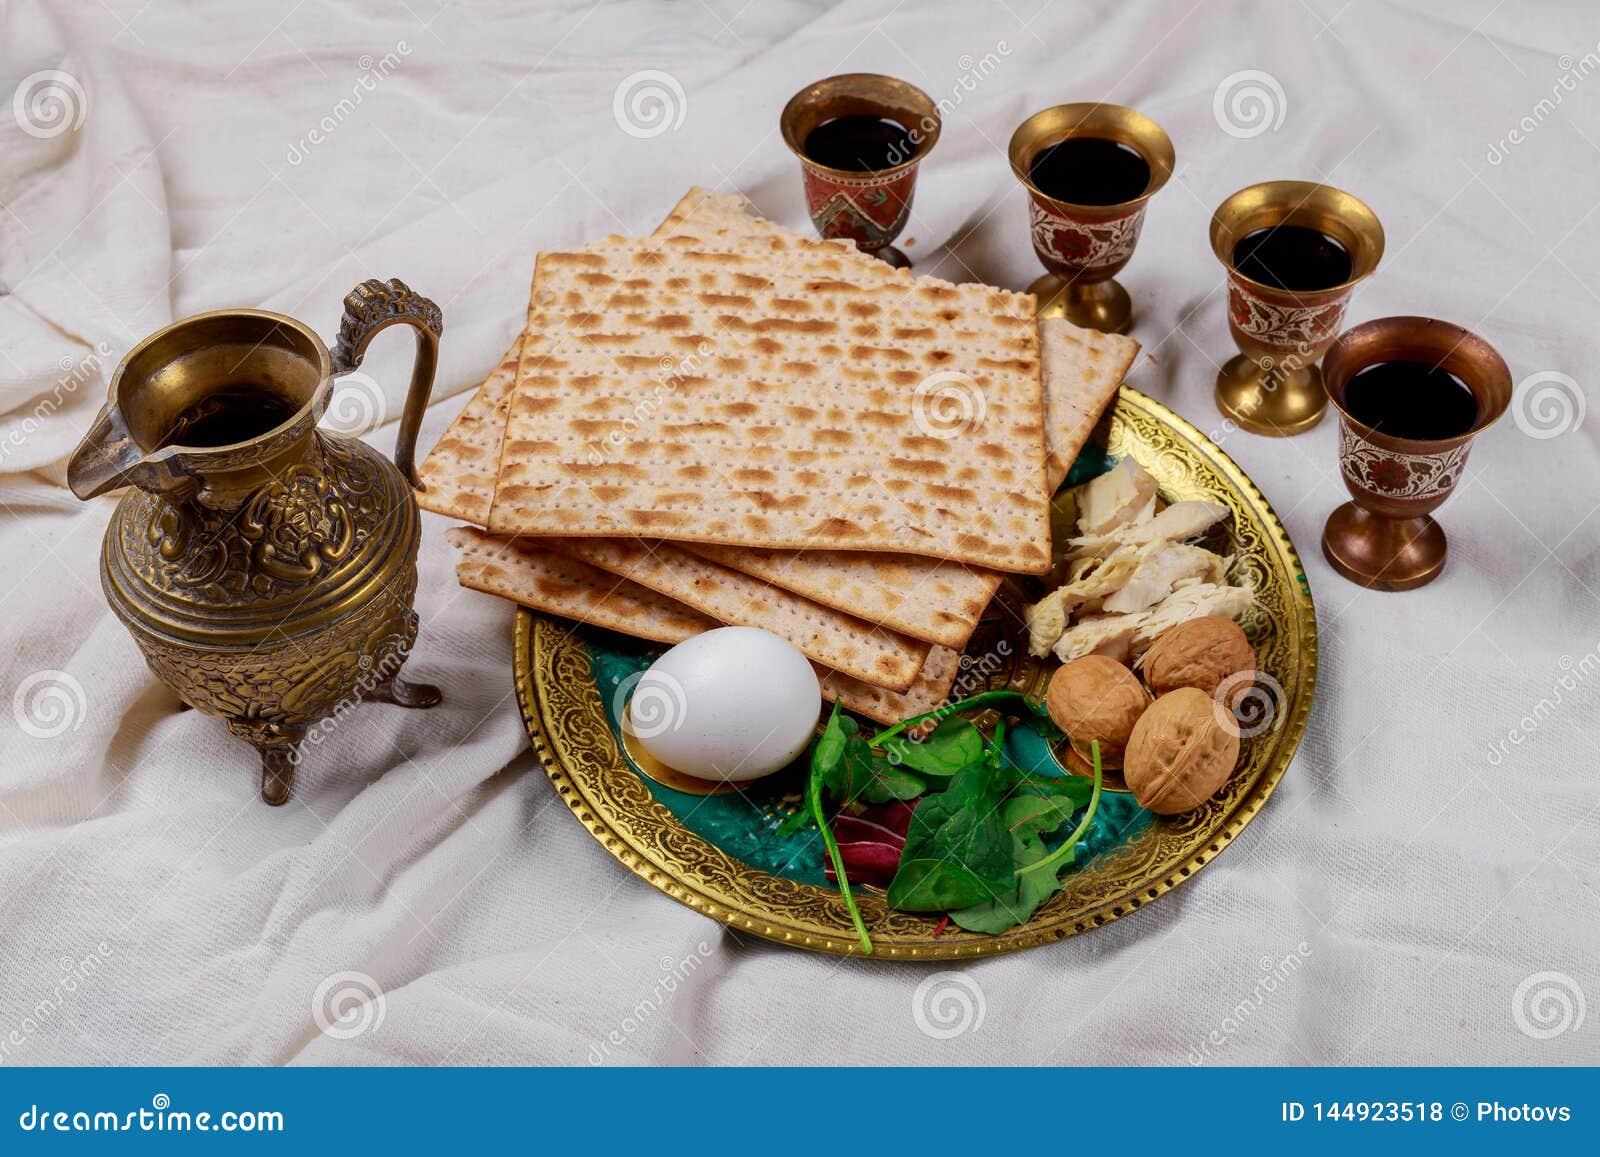 Passover matzoh żydowski wakacyjny chleb, cztery szkła koszernego wina nad stołem